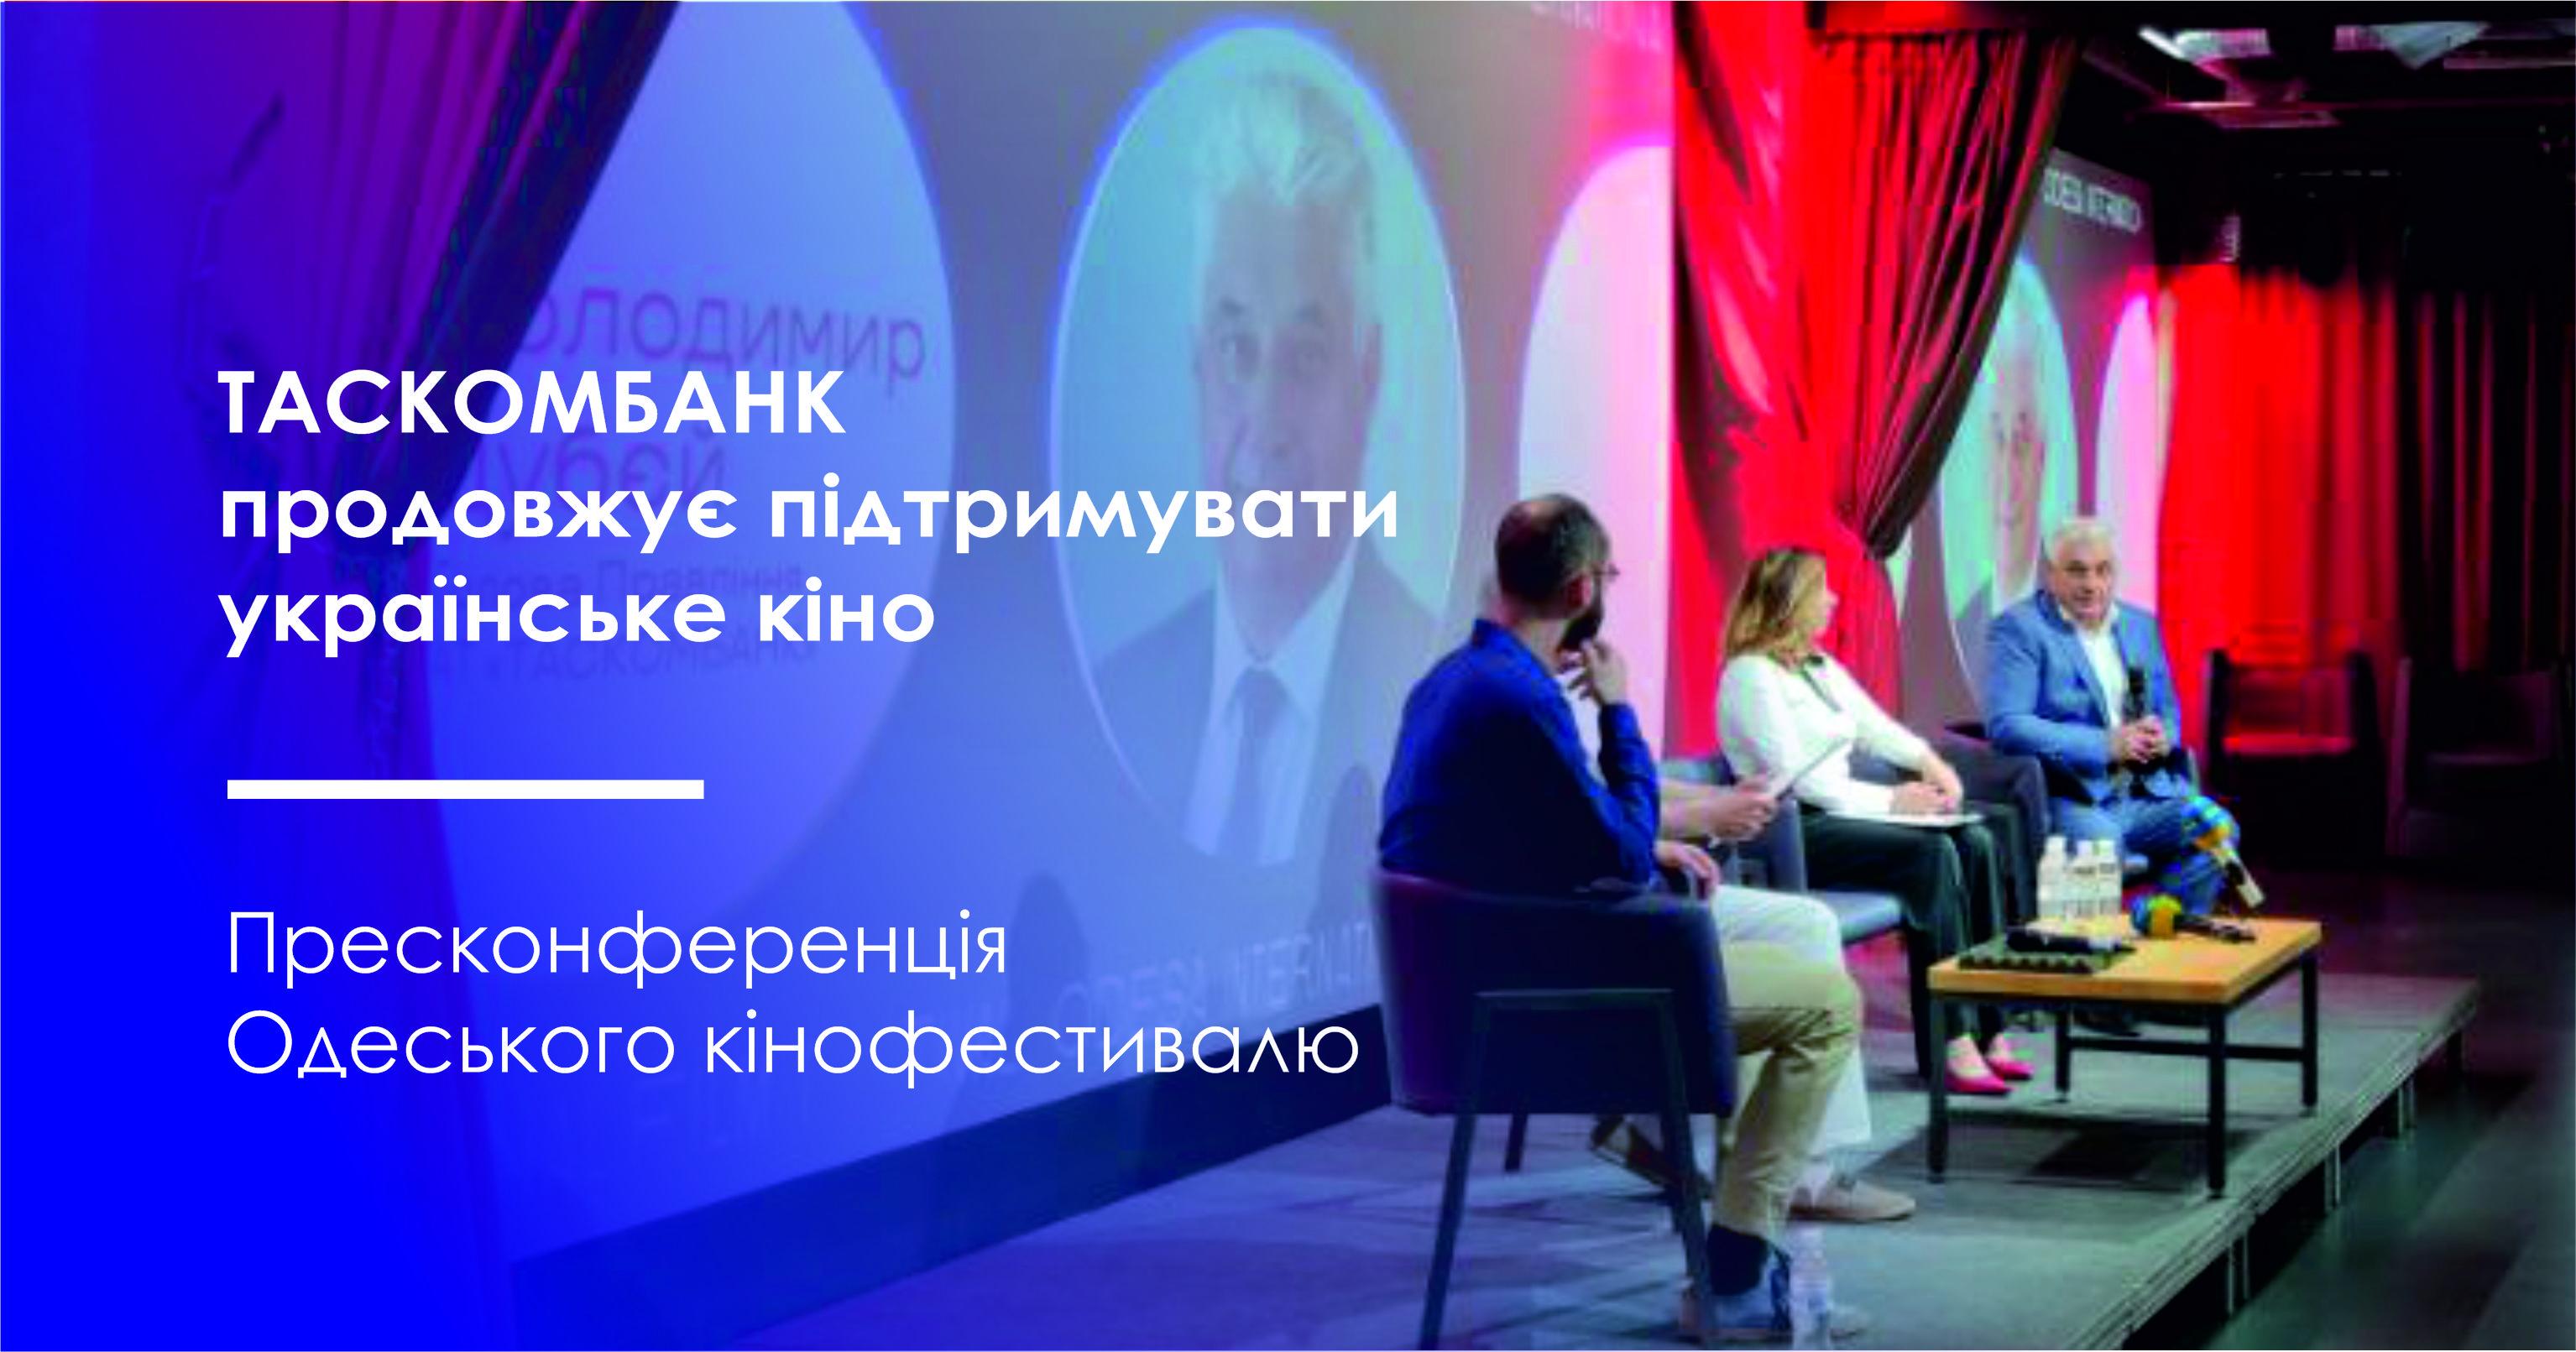 ТАСКОМБАНК продовжує підтримувати українське кіно